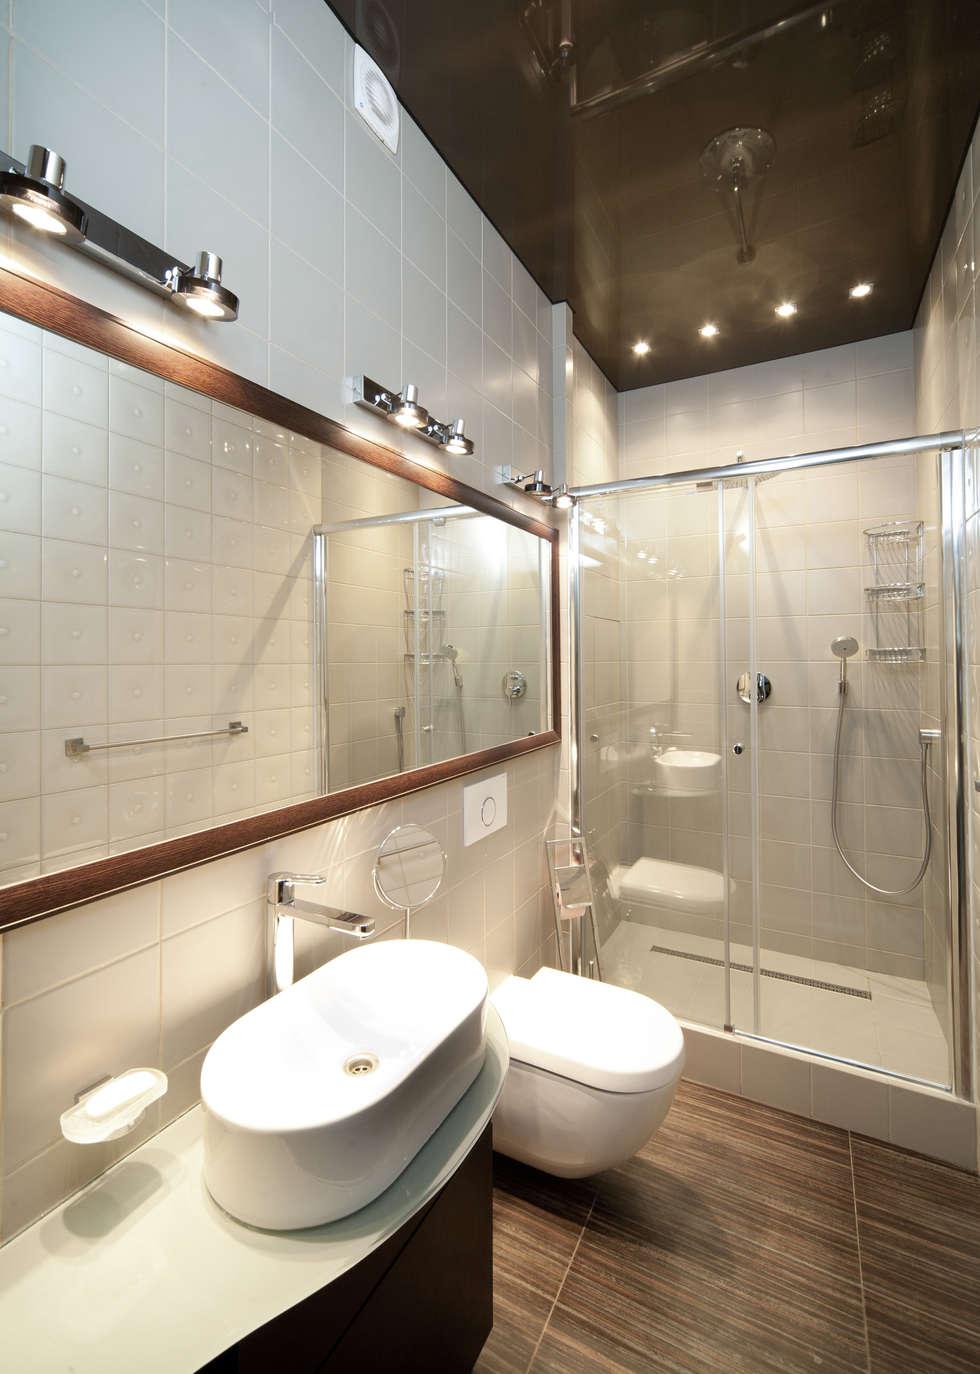 """Дизайн квартиры """"Геометрия и глянец"""": Ванные комнаты в . Автор – Samarina projects"""